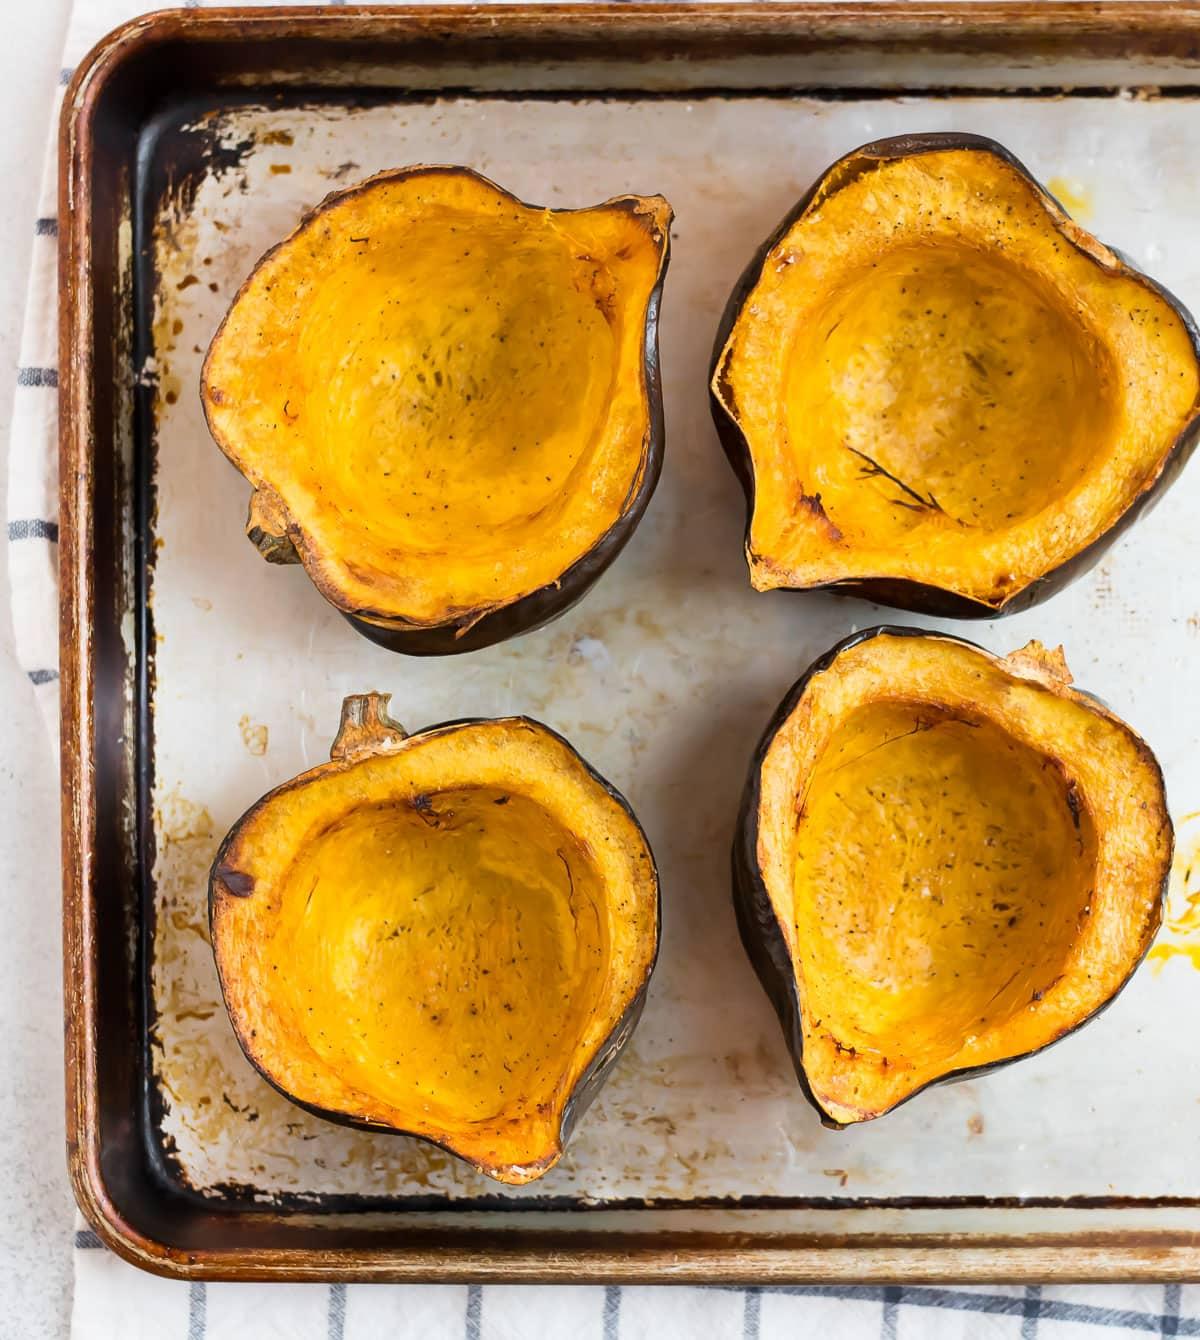 roasted acorn squash halves on a baking sheet